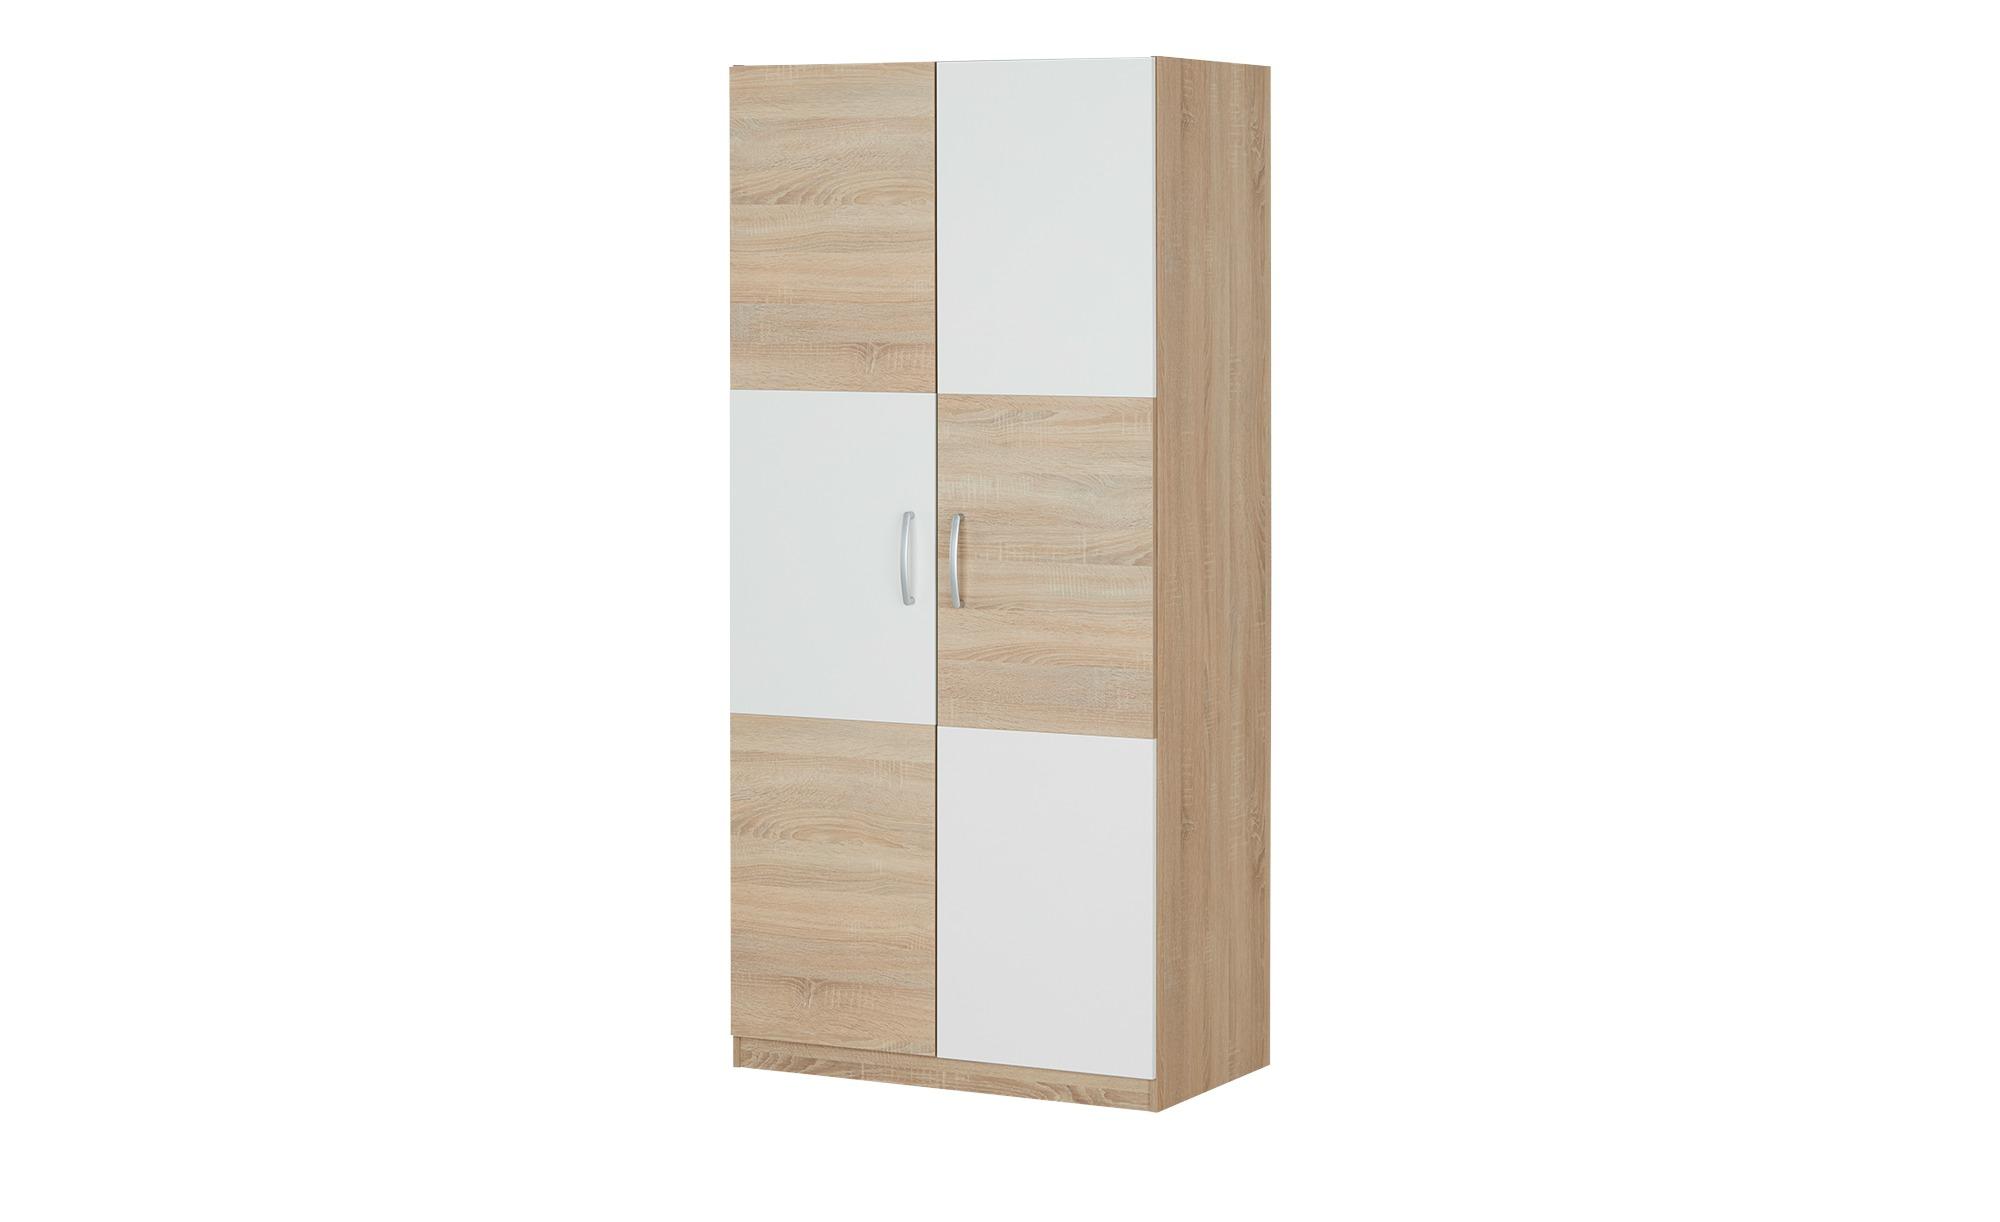 Kleiderschrank 2-türig  Caio ¦ holzfarben ¦ Maße (cm): B: 90 H: 193 T: 53 Schränke > Schranksysteme - Höffner